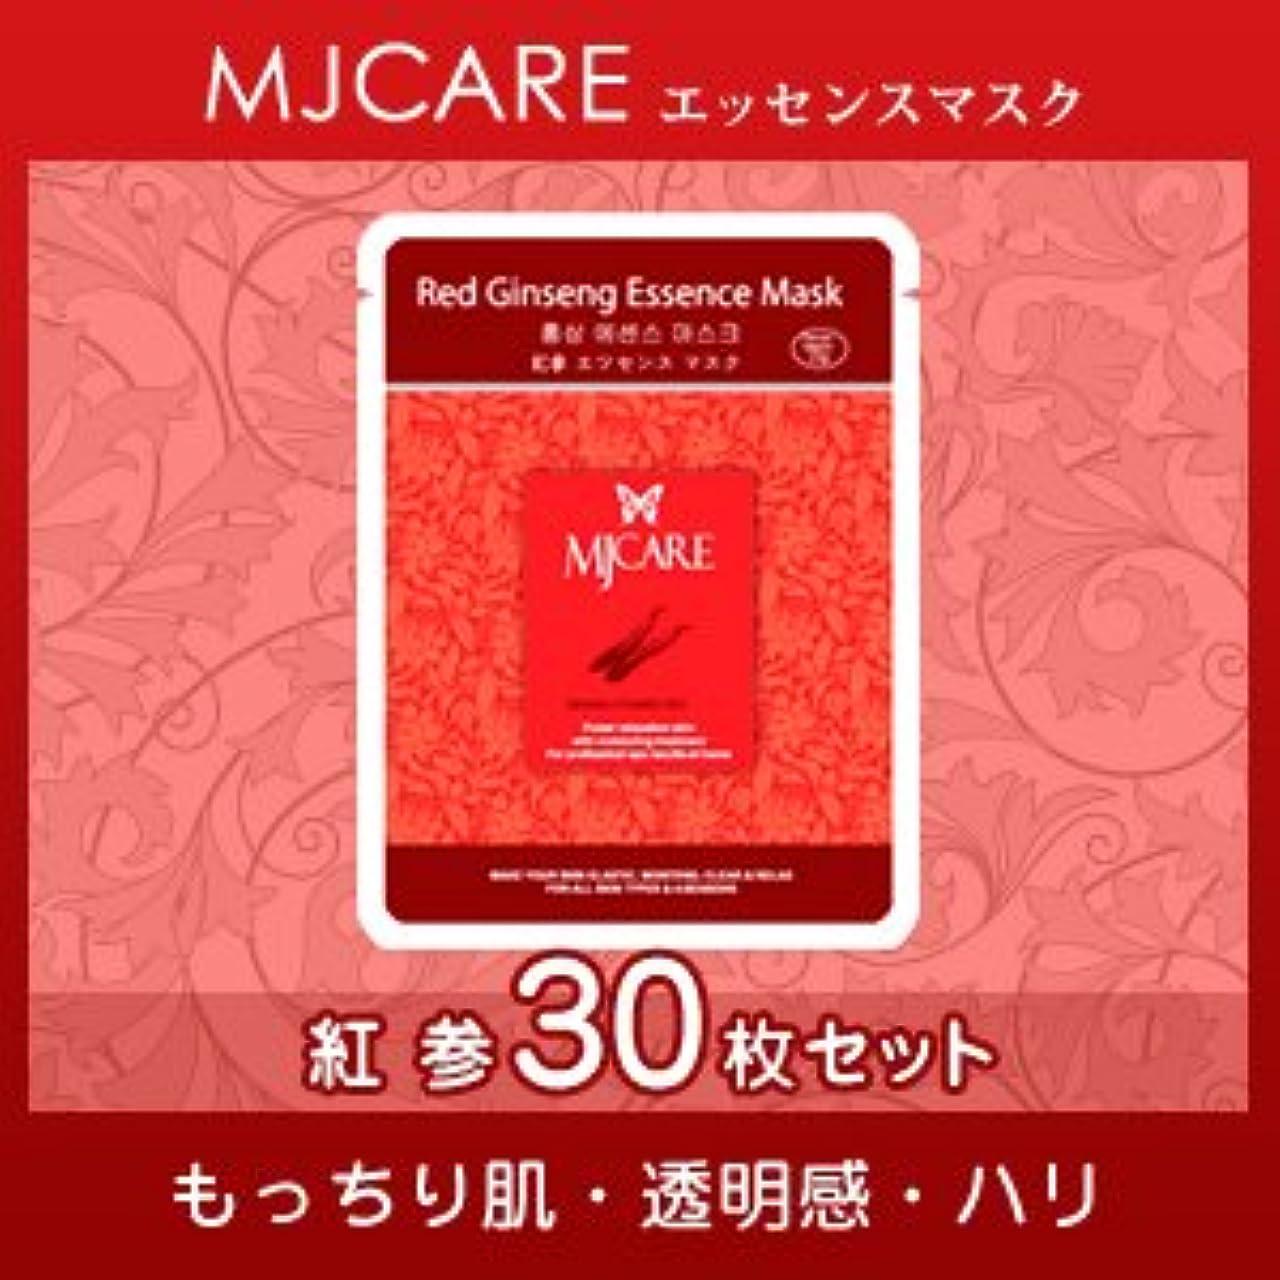 破滅的な有罪折り目MJCARE (エムジェイケア) 紅参 エッセンスマスク 30セット